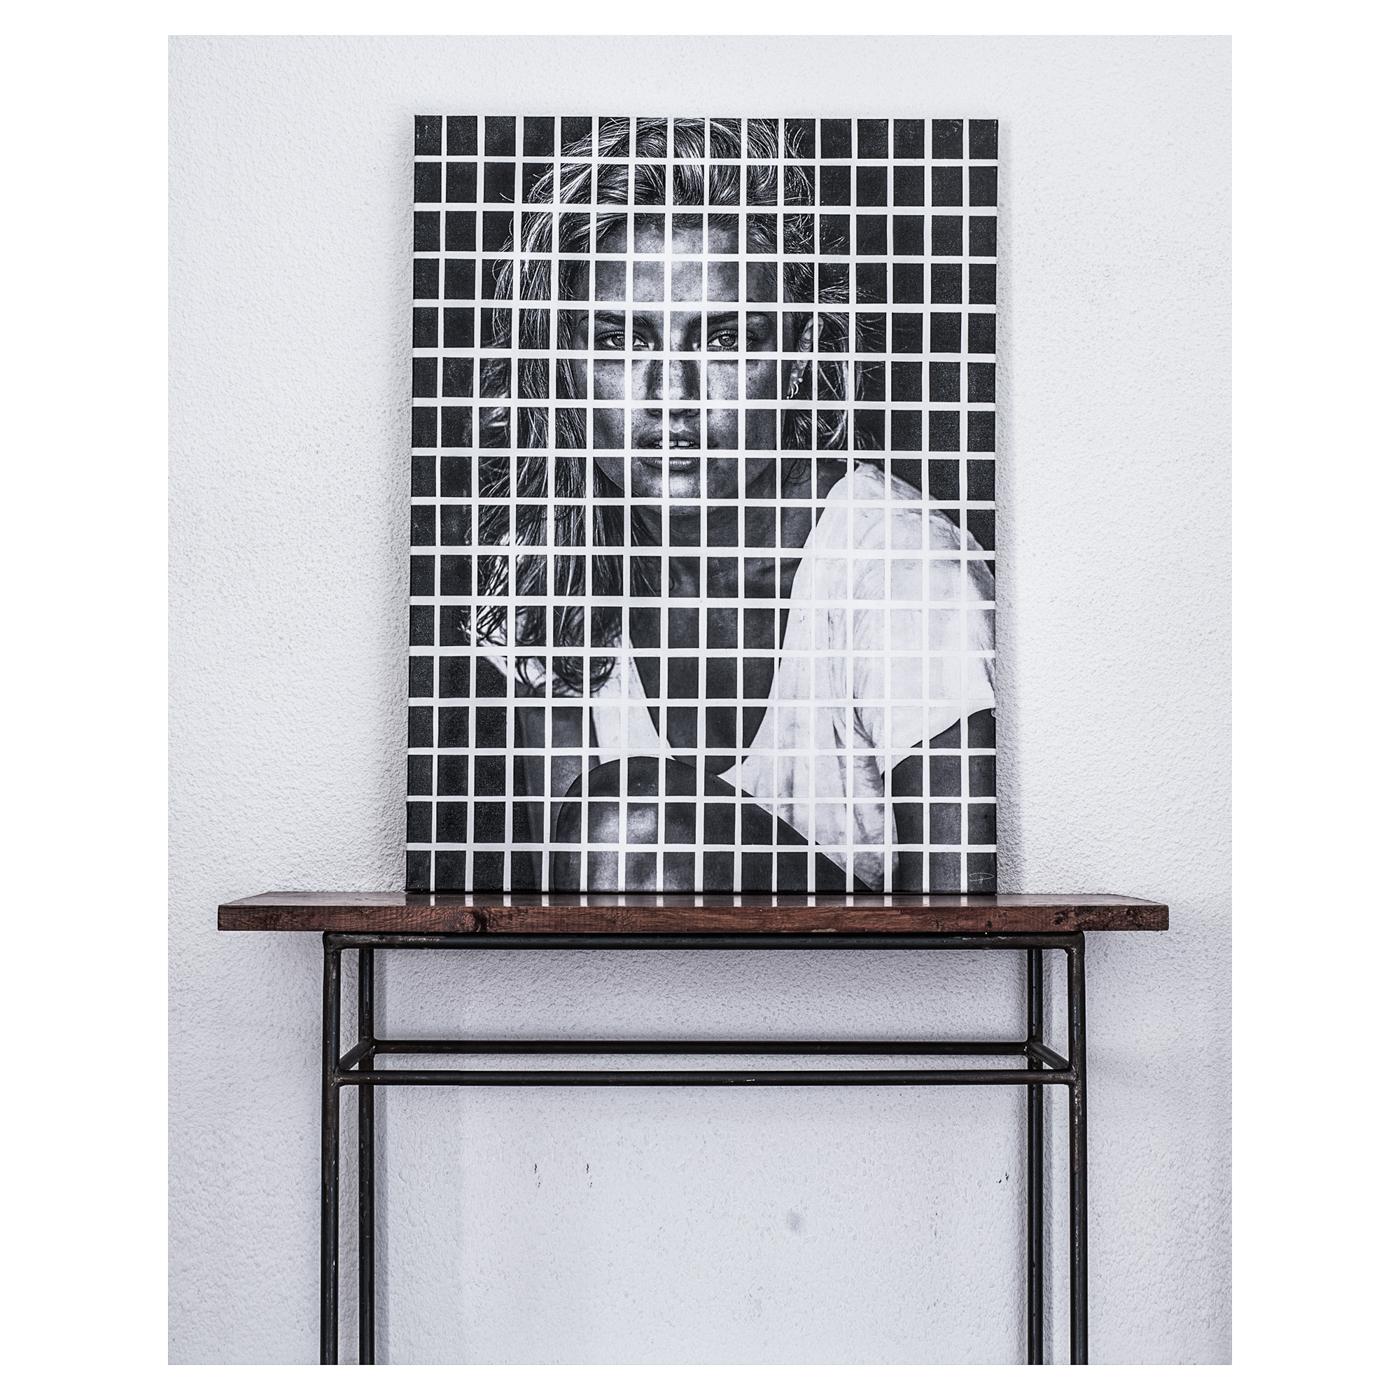 Fine-Art-Collage-St-Trop-1005-Edit.jpg